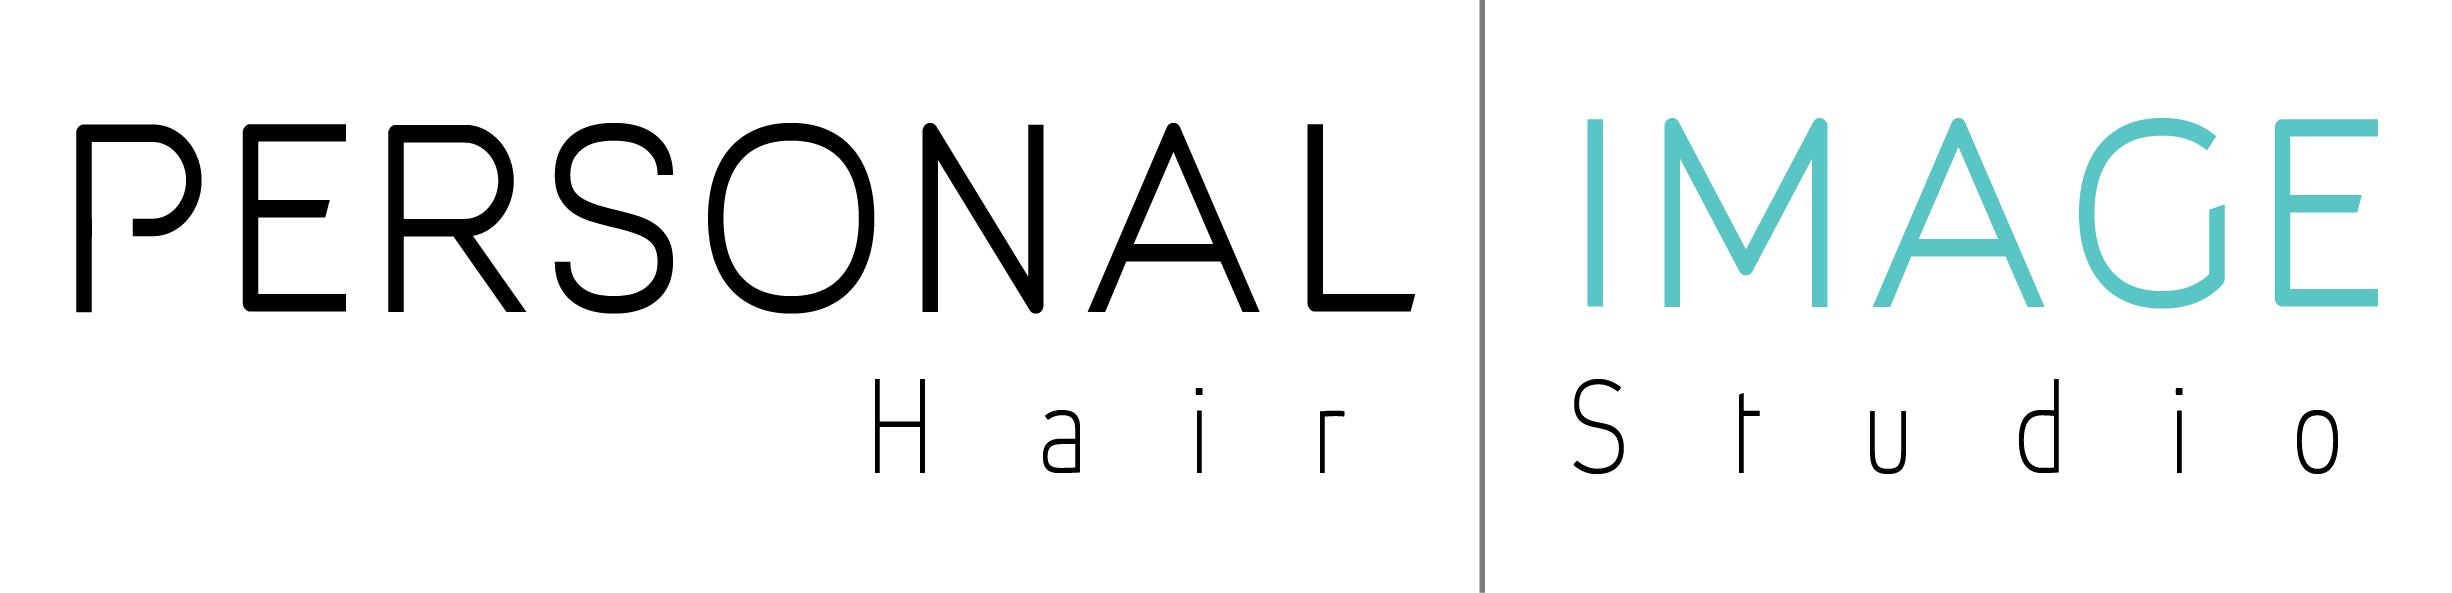 Personal Image Hair Studio